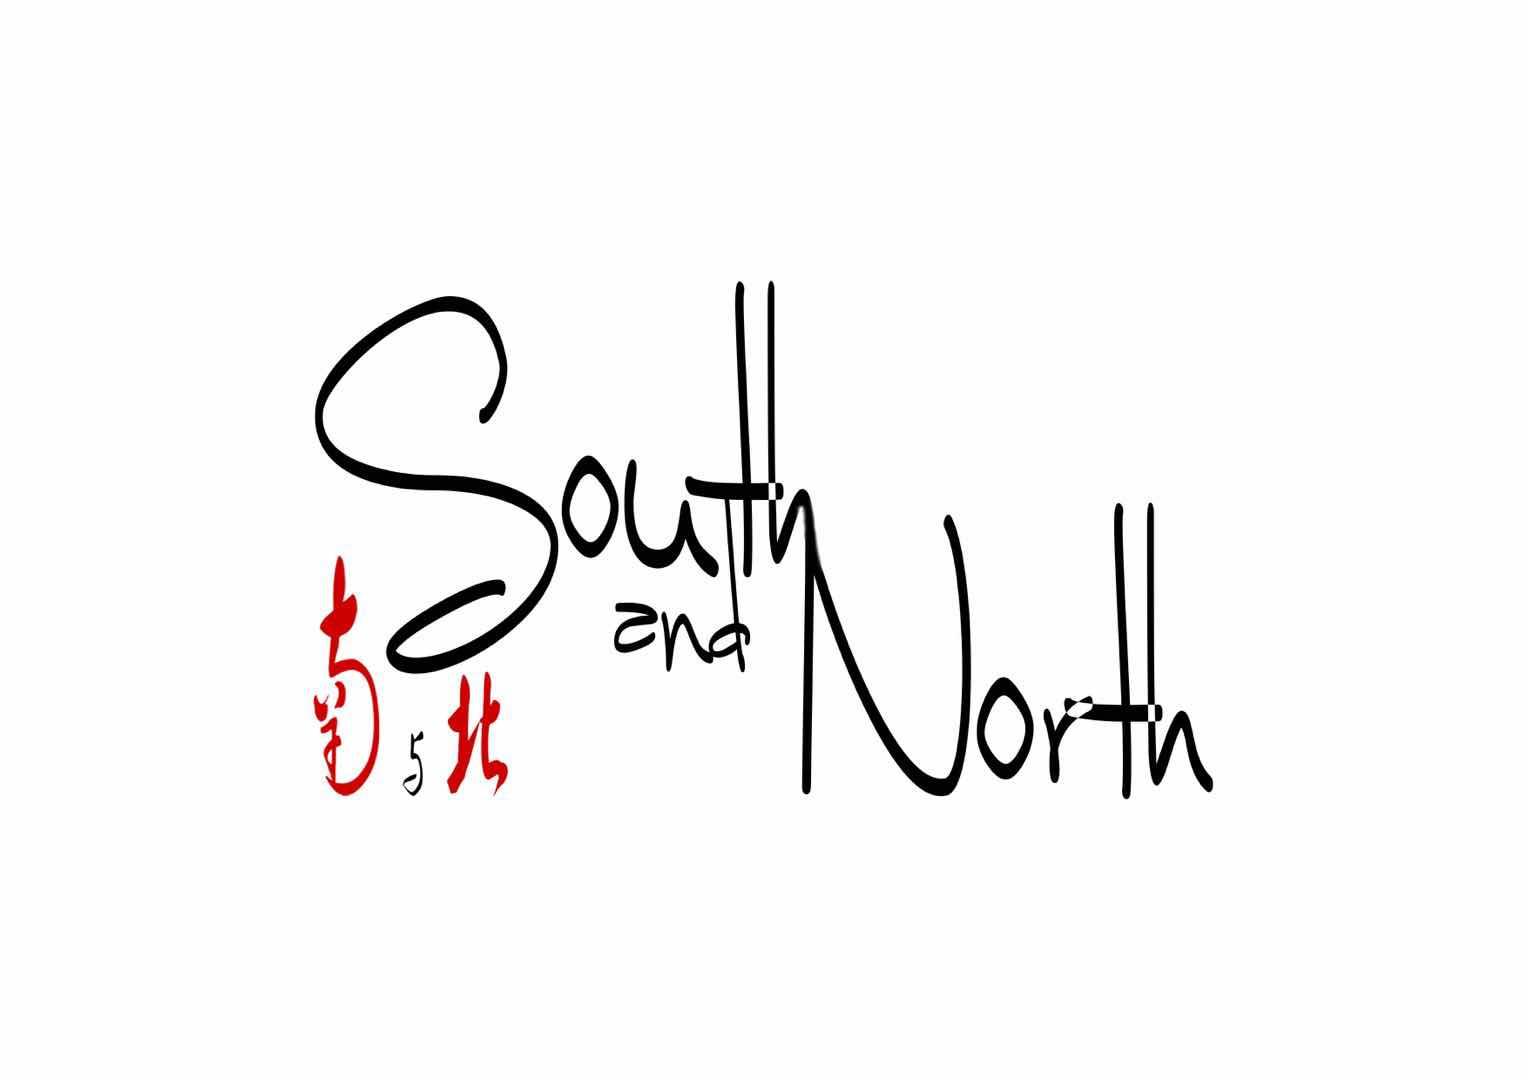 南与北 South and North原创品牌